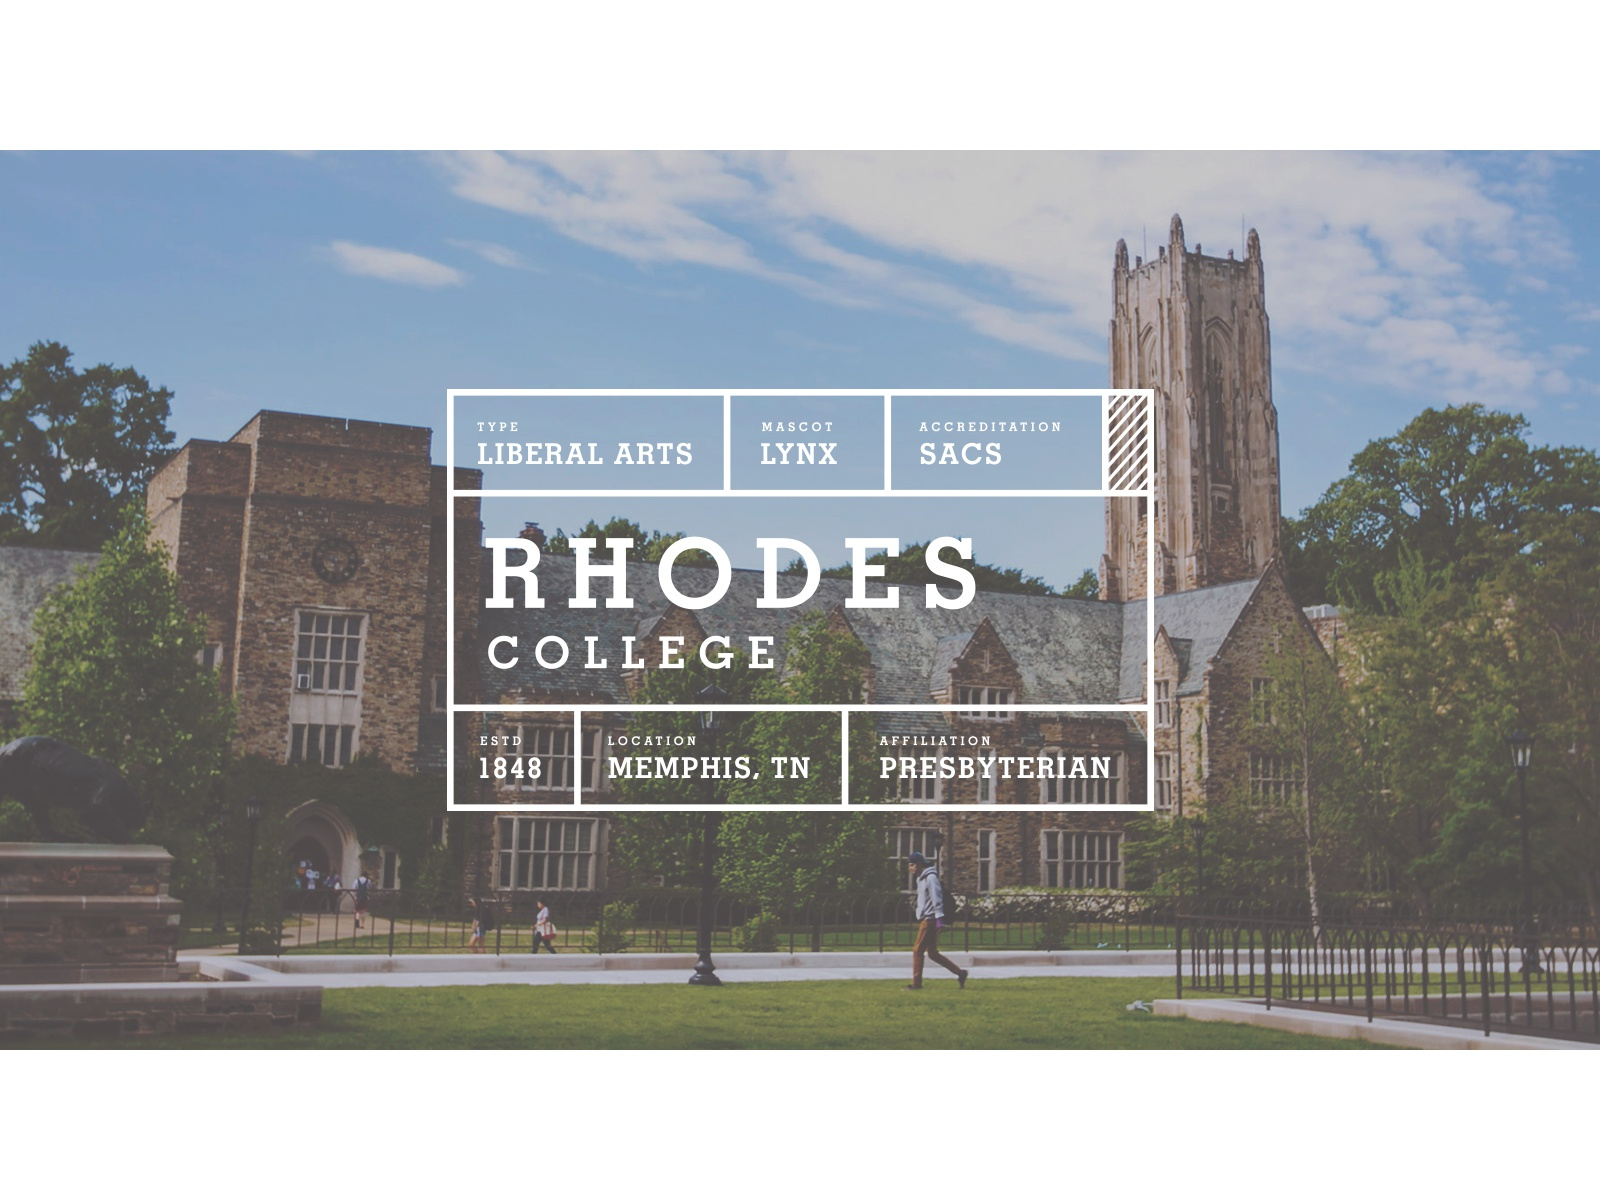 Rhodes stamp photo